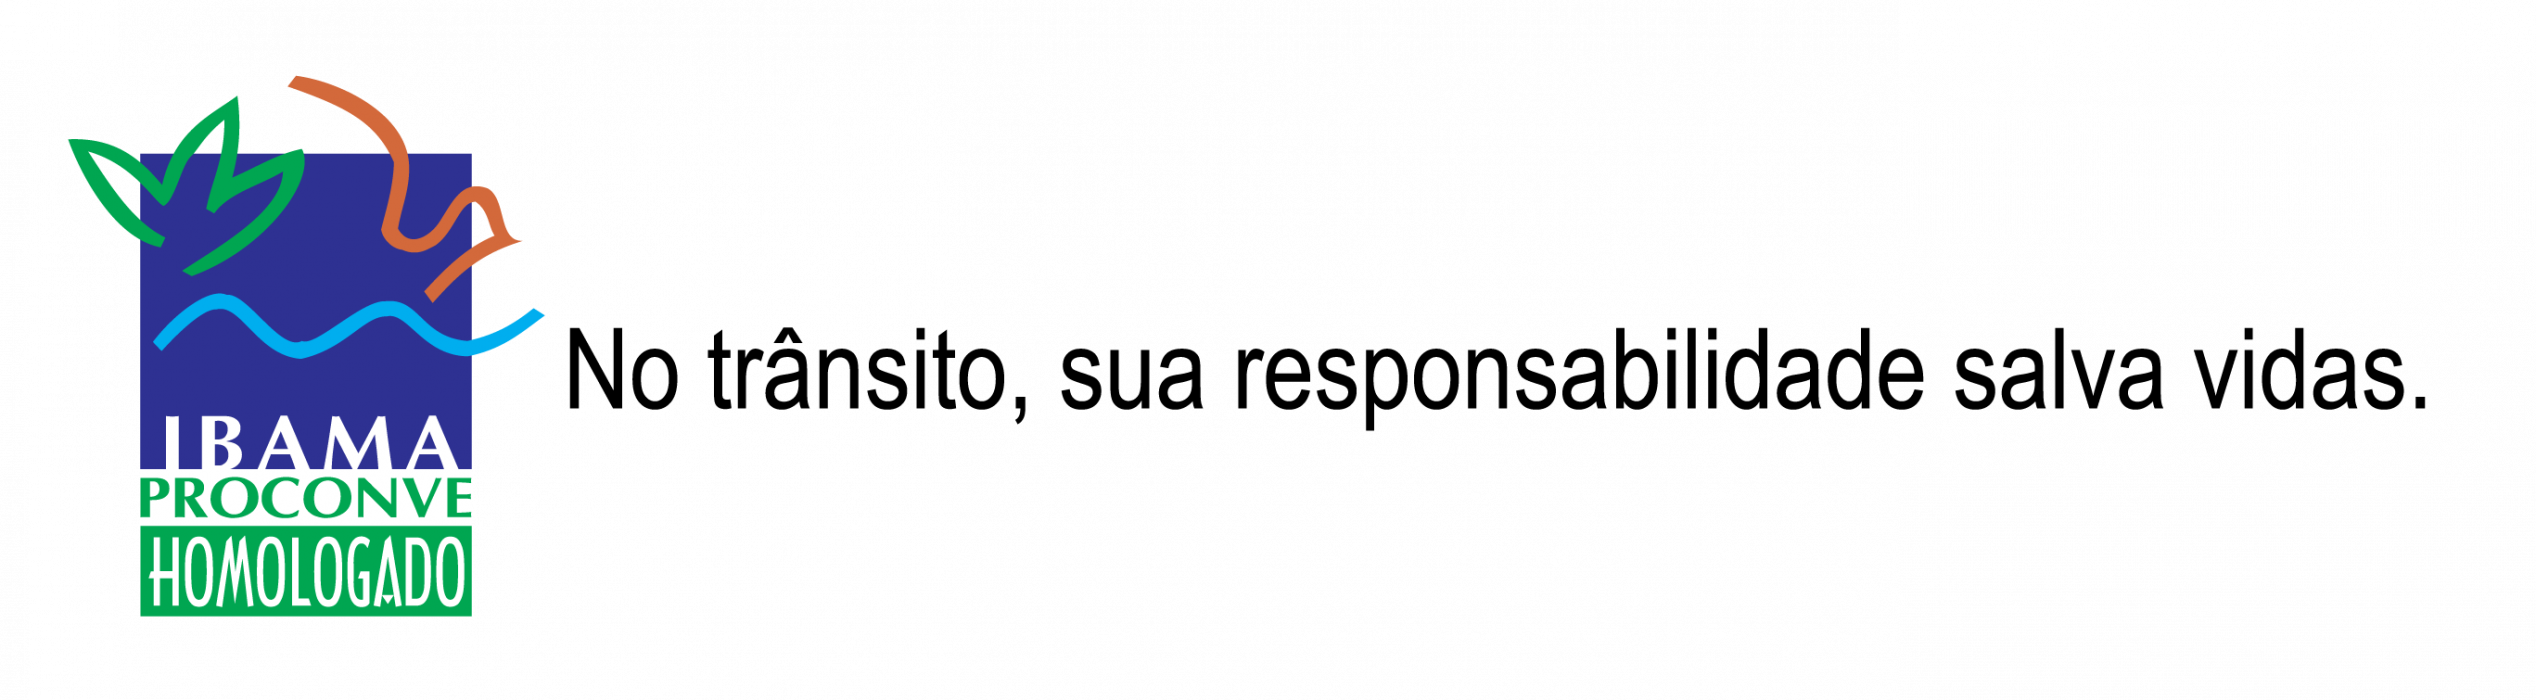 CONTRAN_2021_pt-01